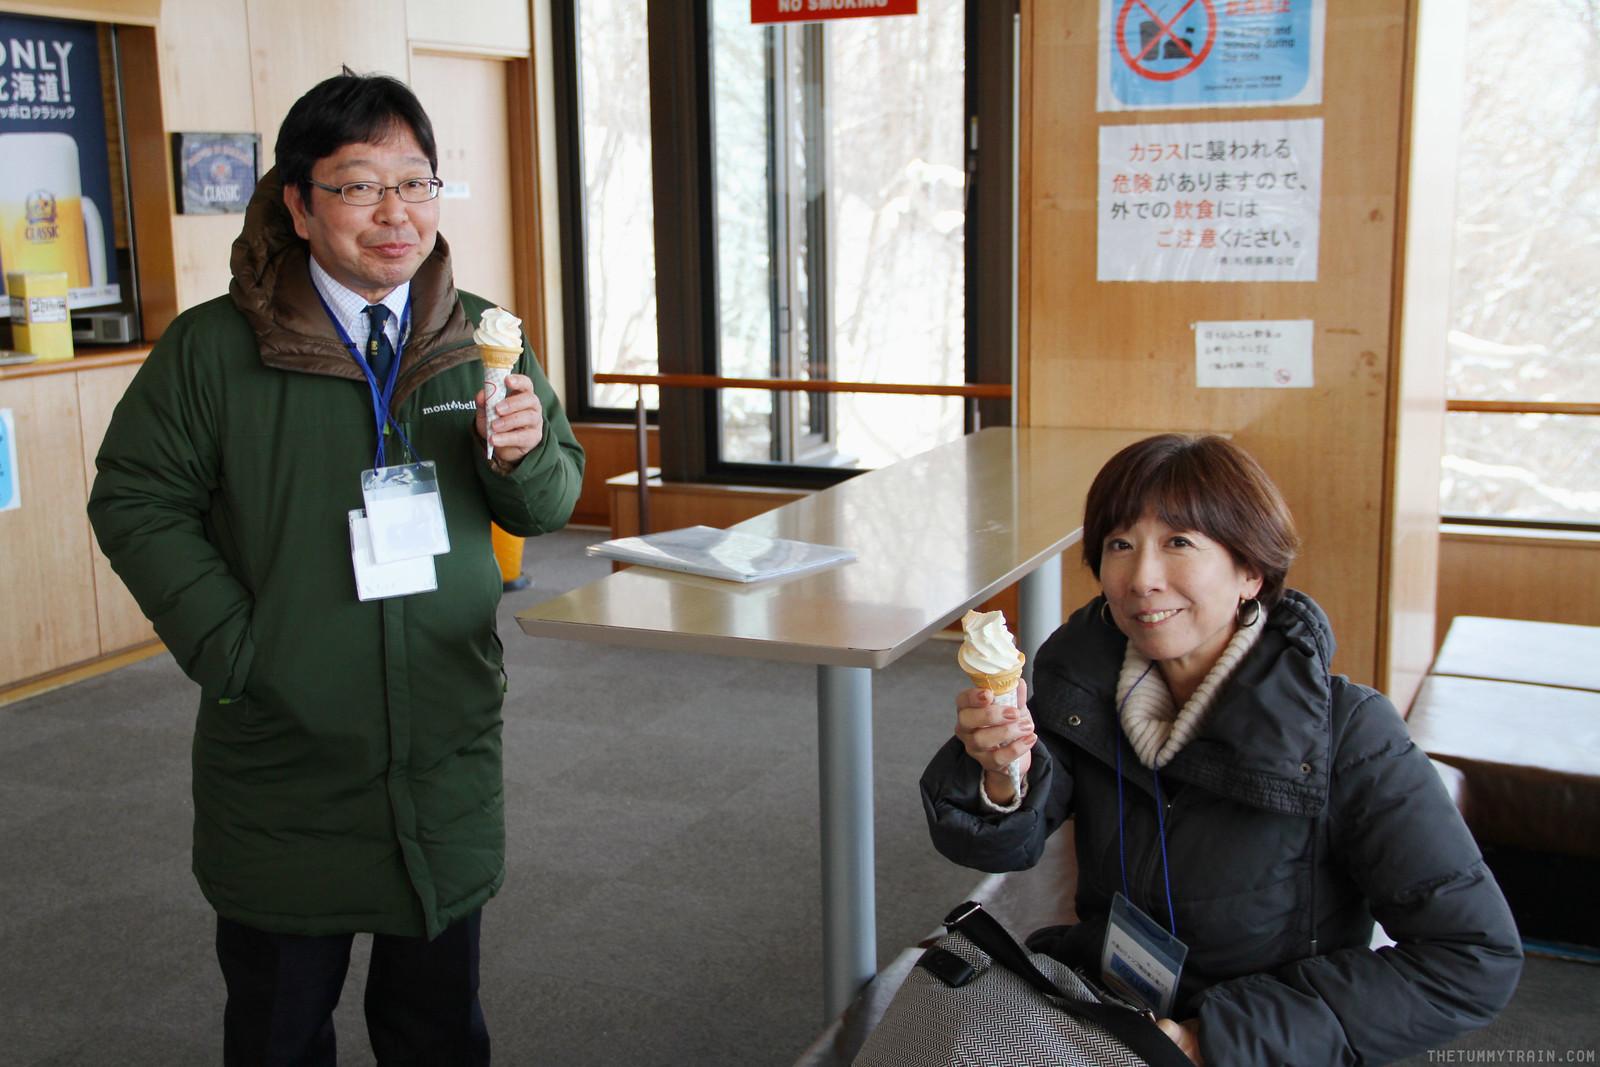 32876220136 69e71a55c1 h - Sapporo Snow And Smile: 8 Unforgettable Winter Experiences in Sapporo City